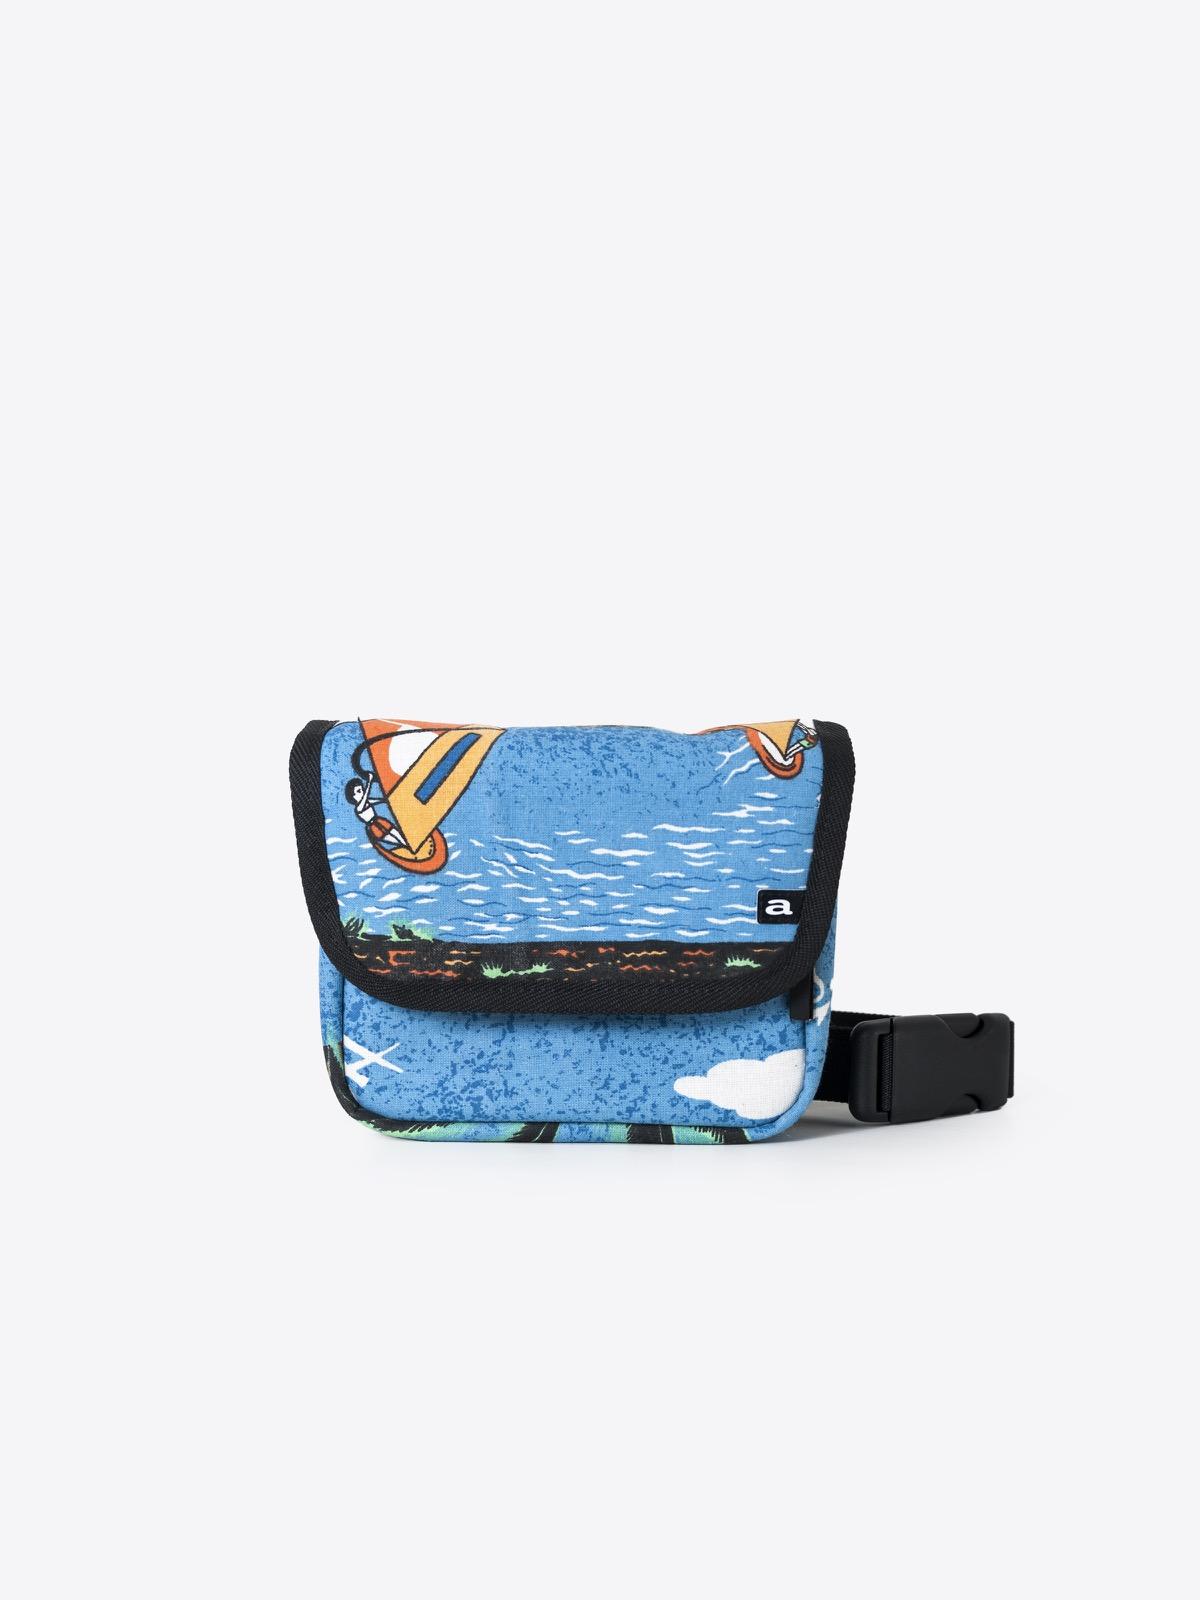 airbag craftworks zip | 189